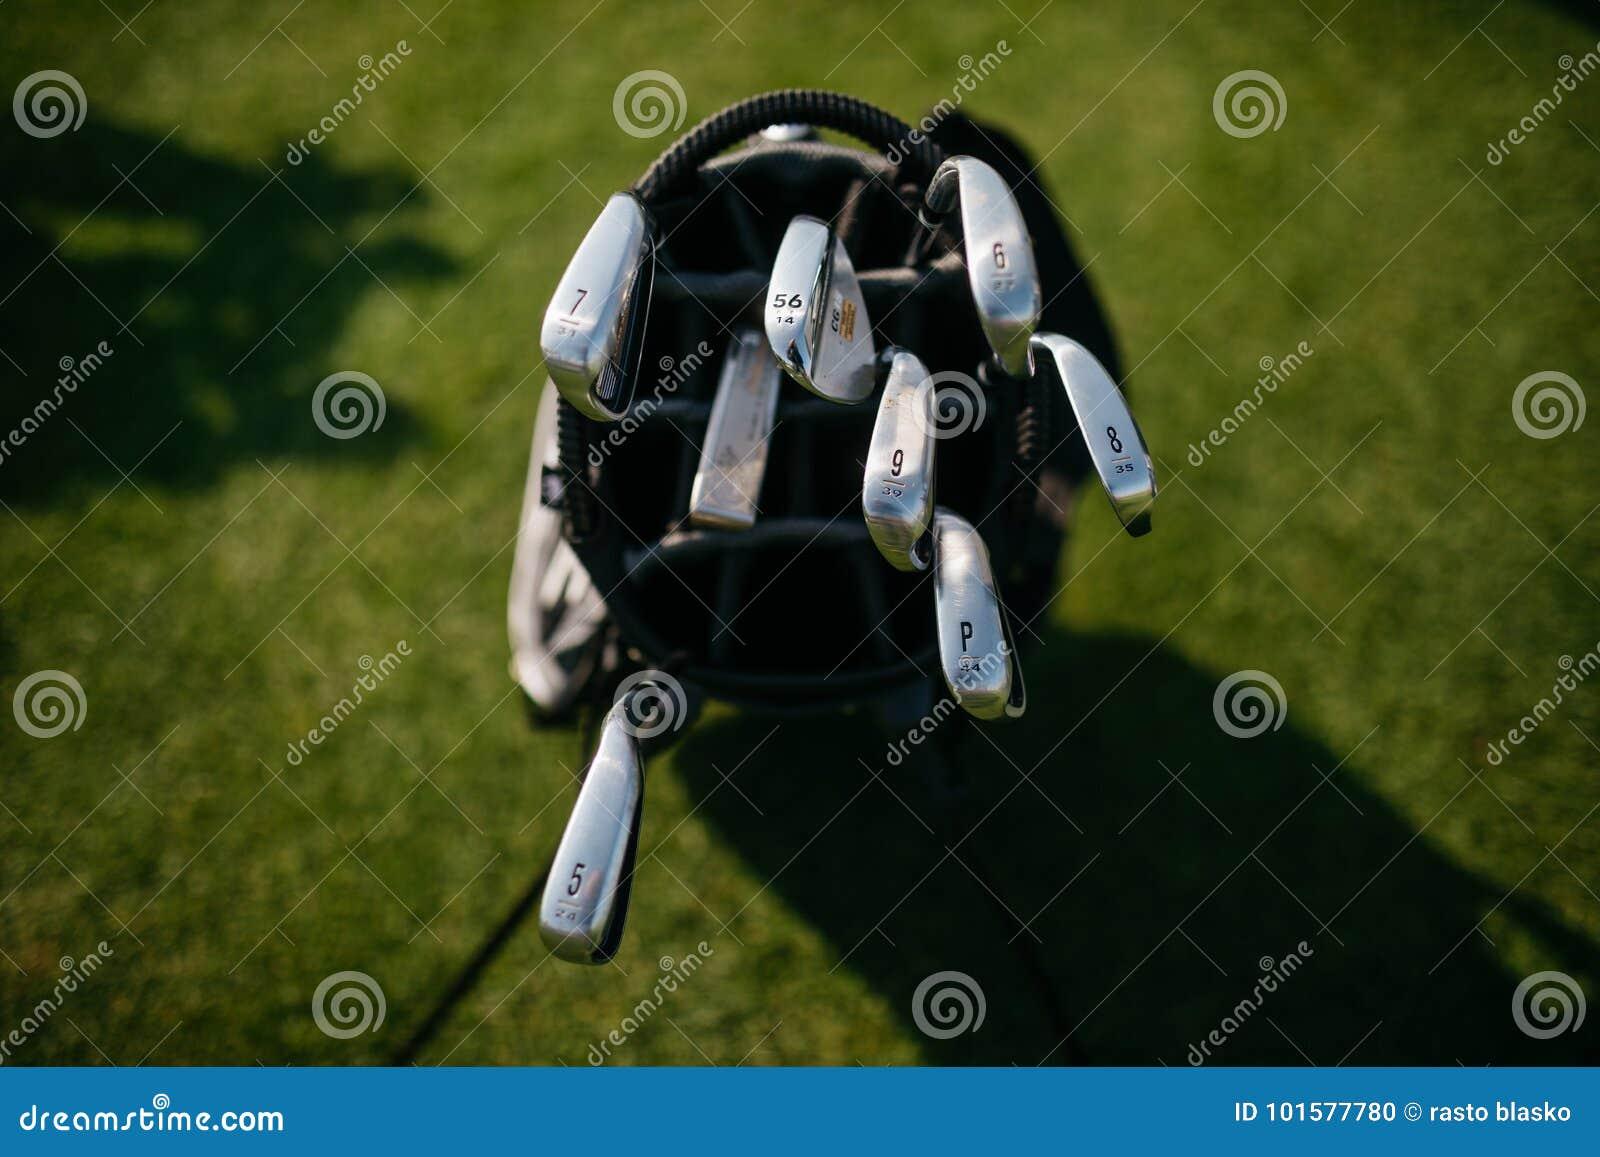 Golfclub in zak